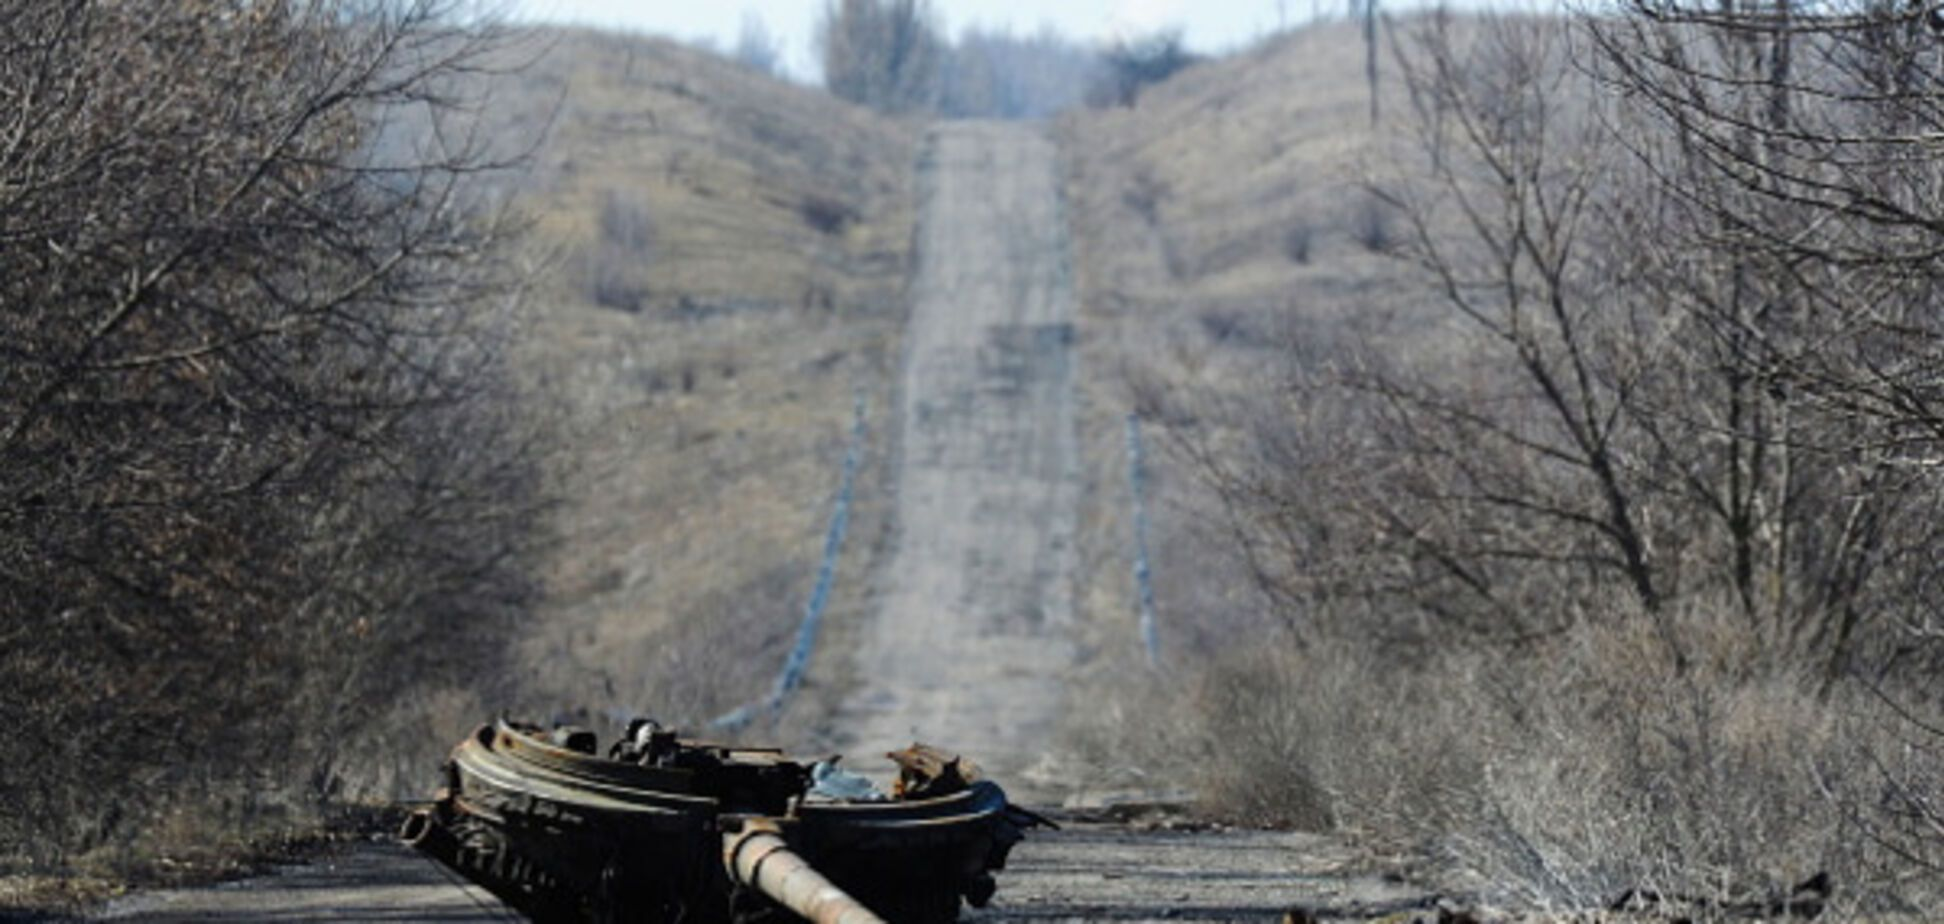 Террористы 'ДНР' начали 'развлекаться' хаотичными обстрелами сил АТО - ГУР